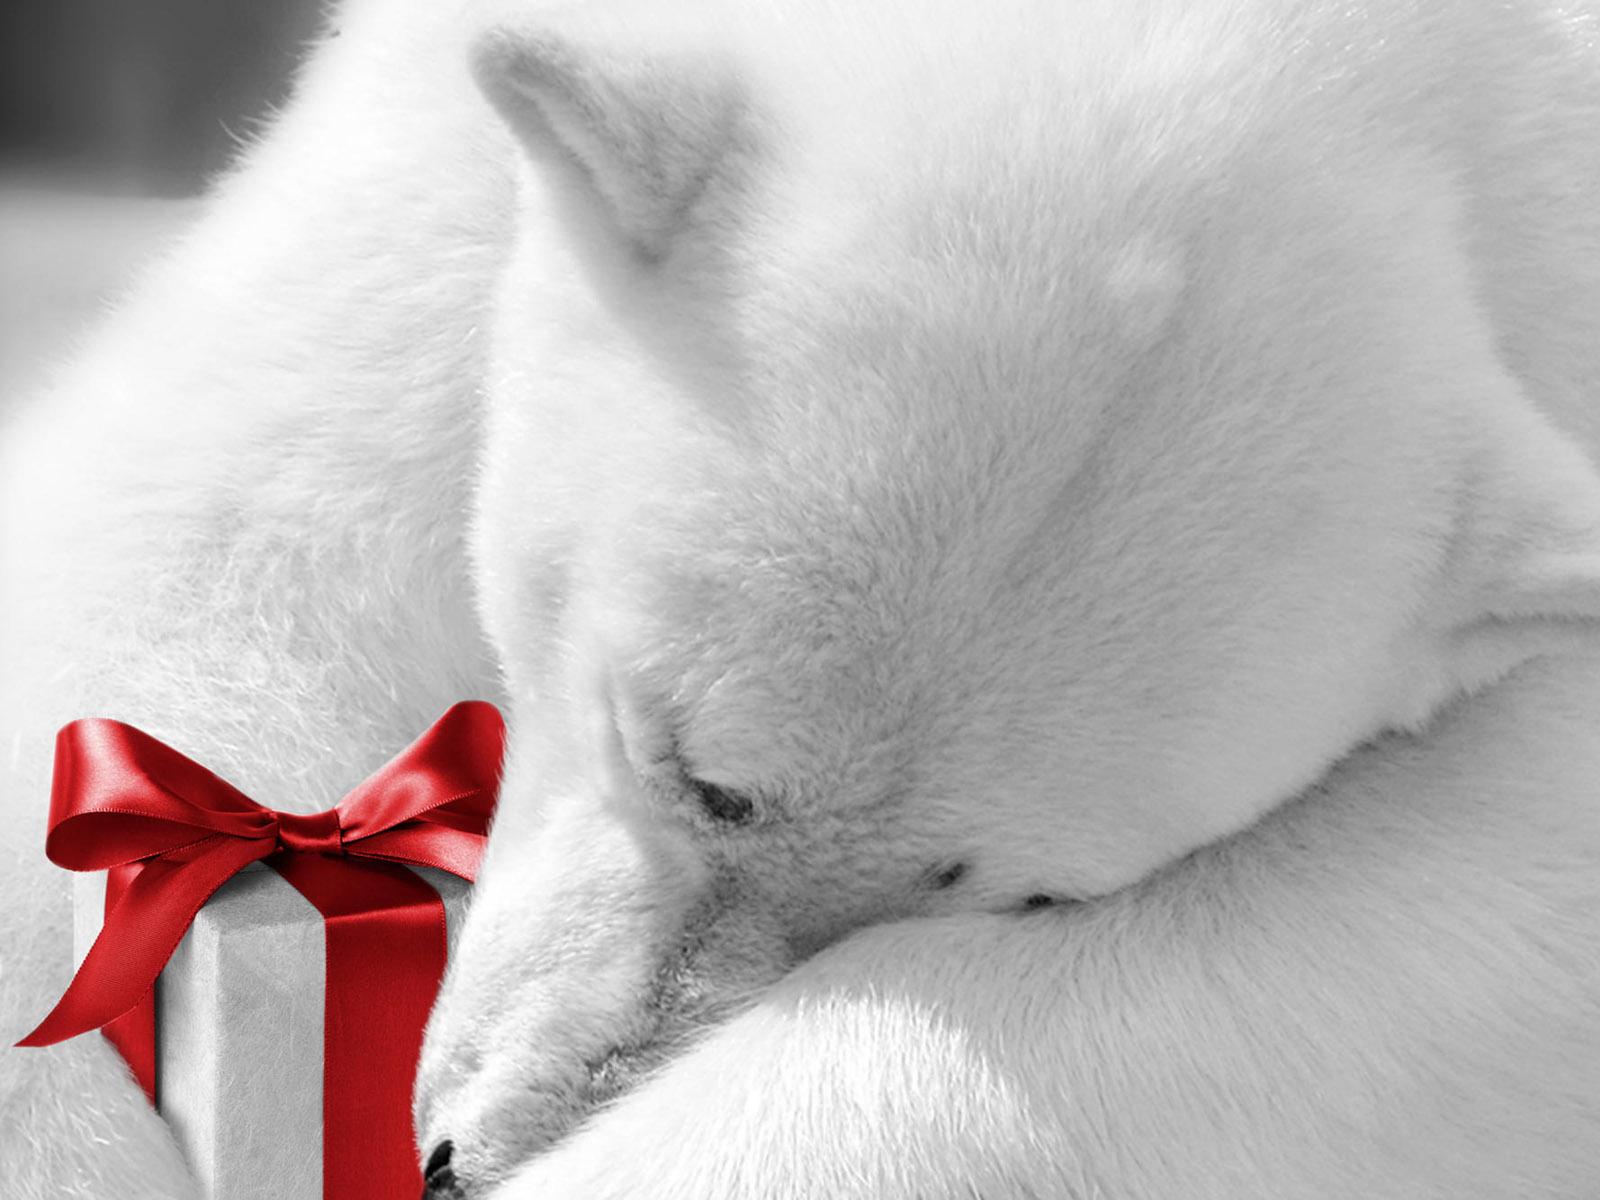 Белый медведь, Рождественские обои для рабочего стола, merry christmas wallaper, X-mas wallapper, скачать фото, Рождество